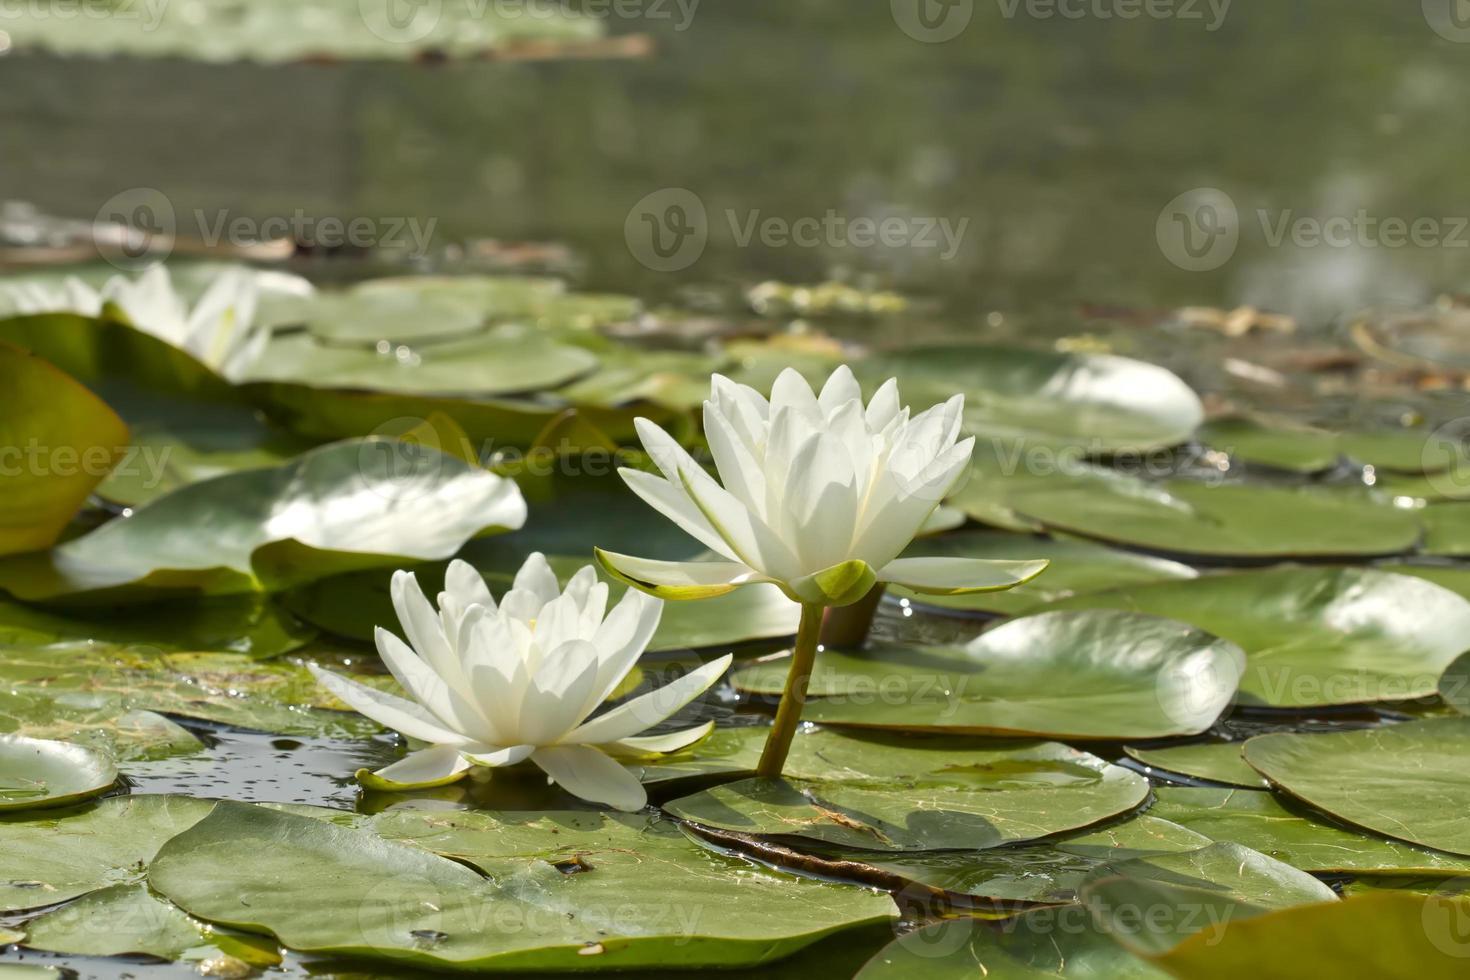 lotusblommor på en bakgrund av grön natur foto